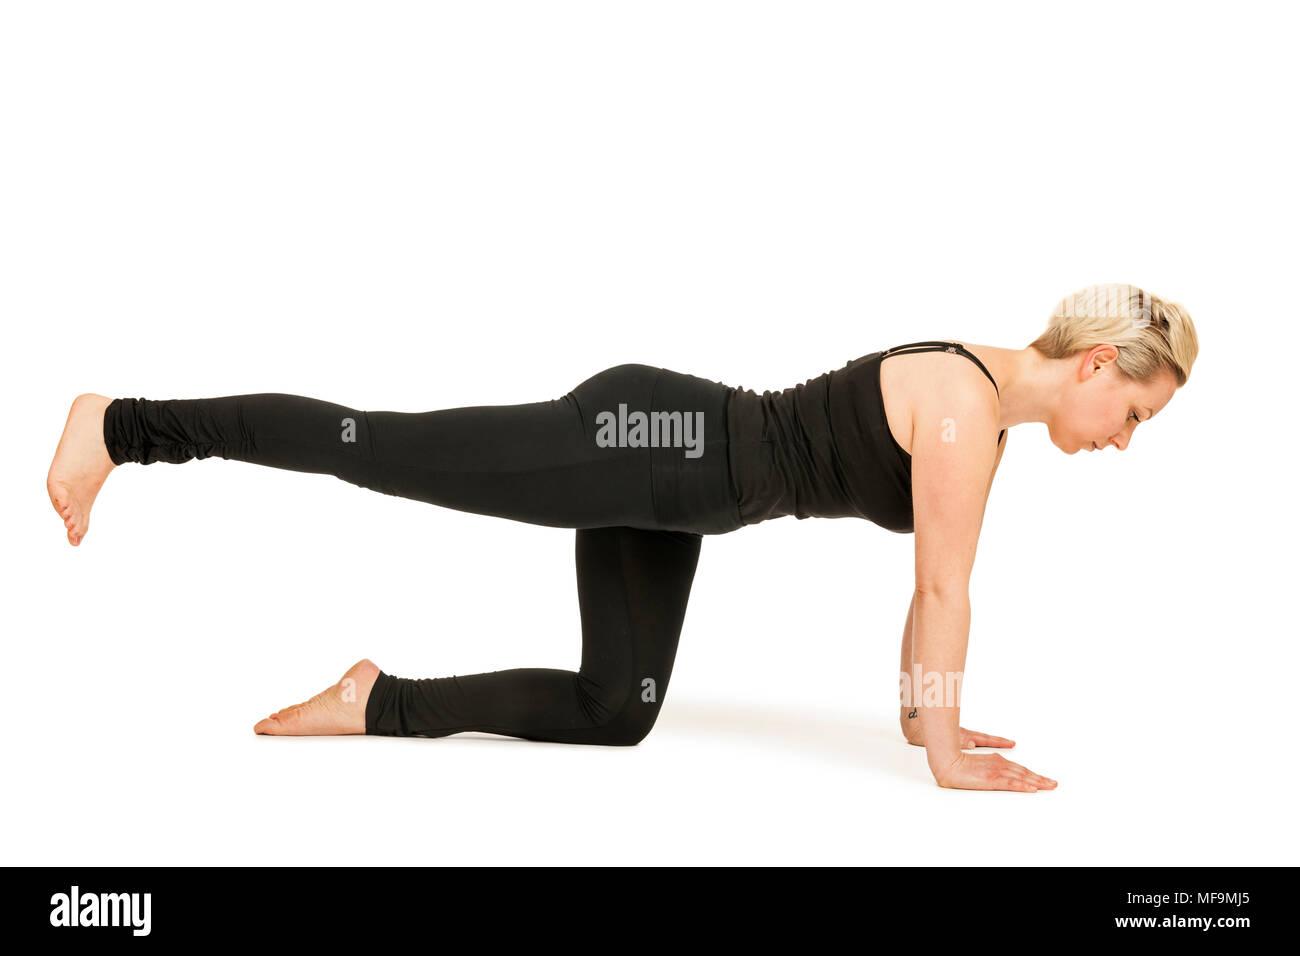 Seitliche Ganzkörper-Ansicht einer jungen Frau vor weißen Hintergrund die Yoga-Übung 'Katze' (Majariasana) zeigend. - Stock Image